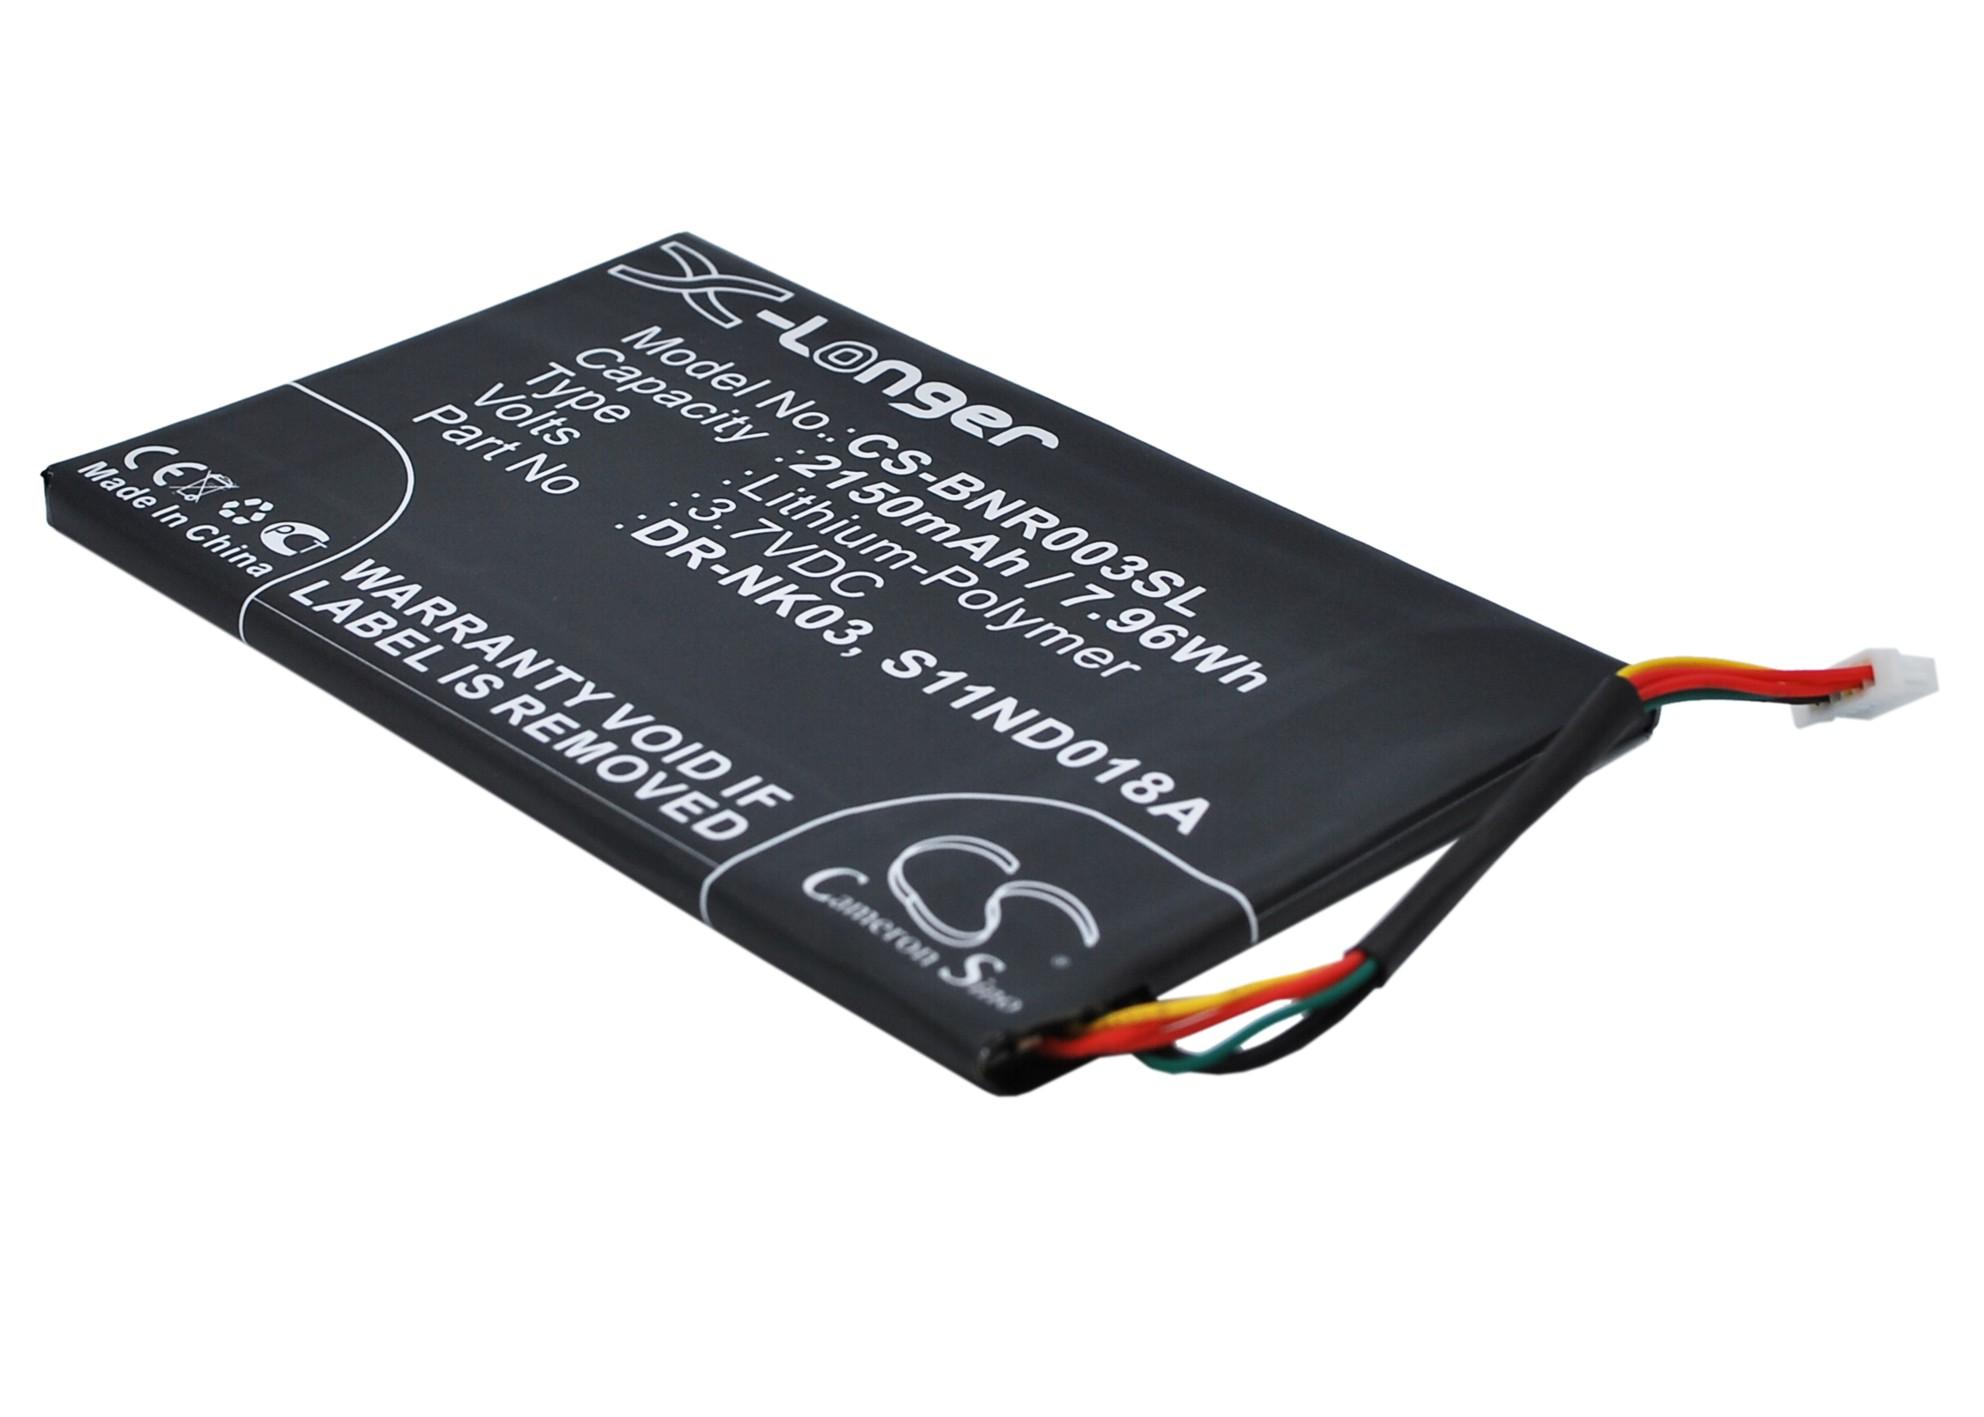 """Cameron Sino baterie do elektronických čteček knih pro BARNES & NOBLE Simple Touch 6"""" 3.7V Li-Polymer 2150mAh černá - neoriginální"""